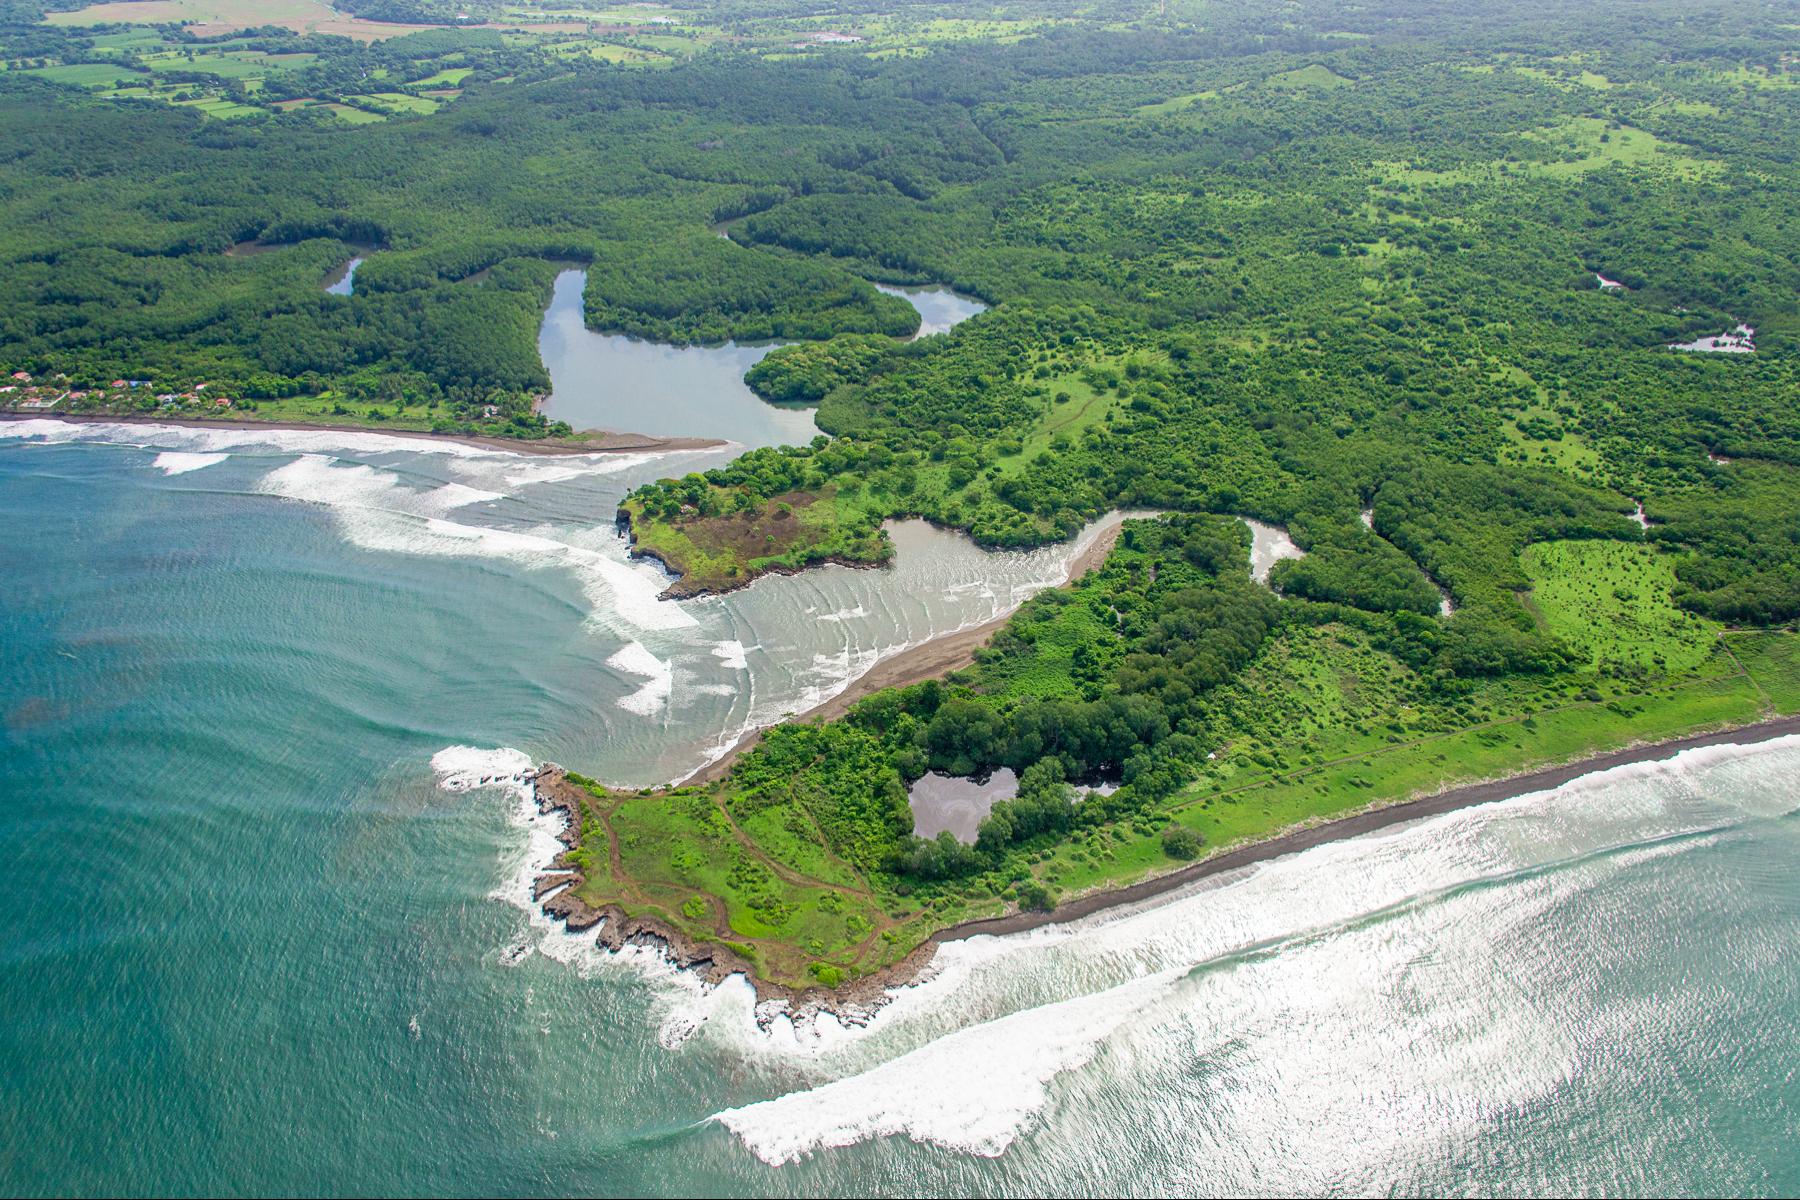 Terreno por un Venta en Punta Loros, Puntarenas Puntarenas, Puntarenas Costa Rica